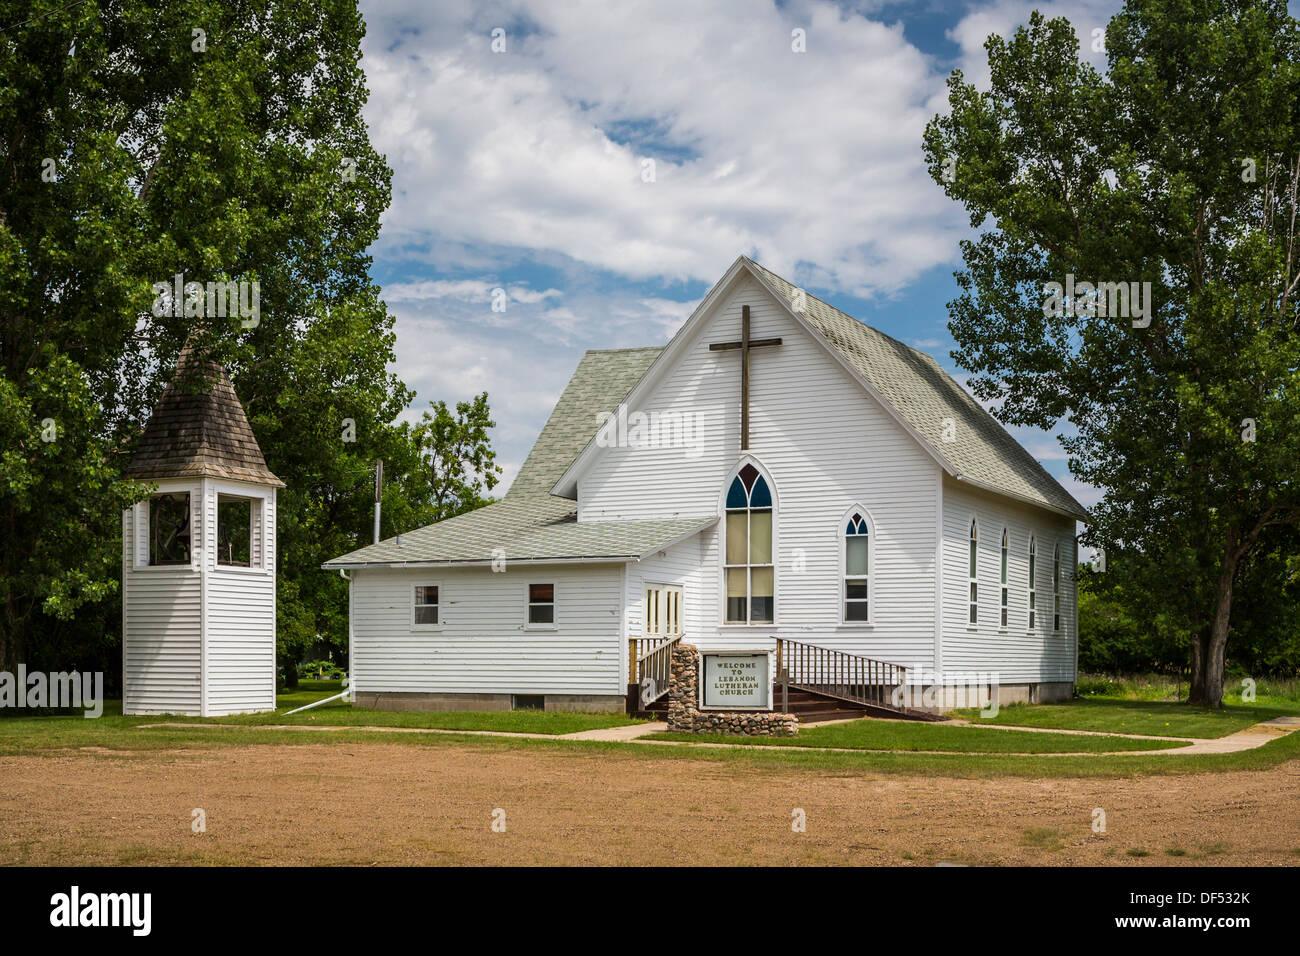 La Chiesa Luterana edificio in Libano, il Dakota del Nord, Stati Uniti d'America. Immagini Stock